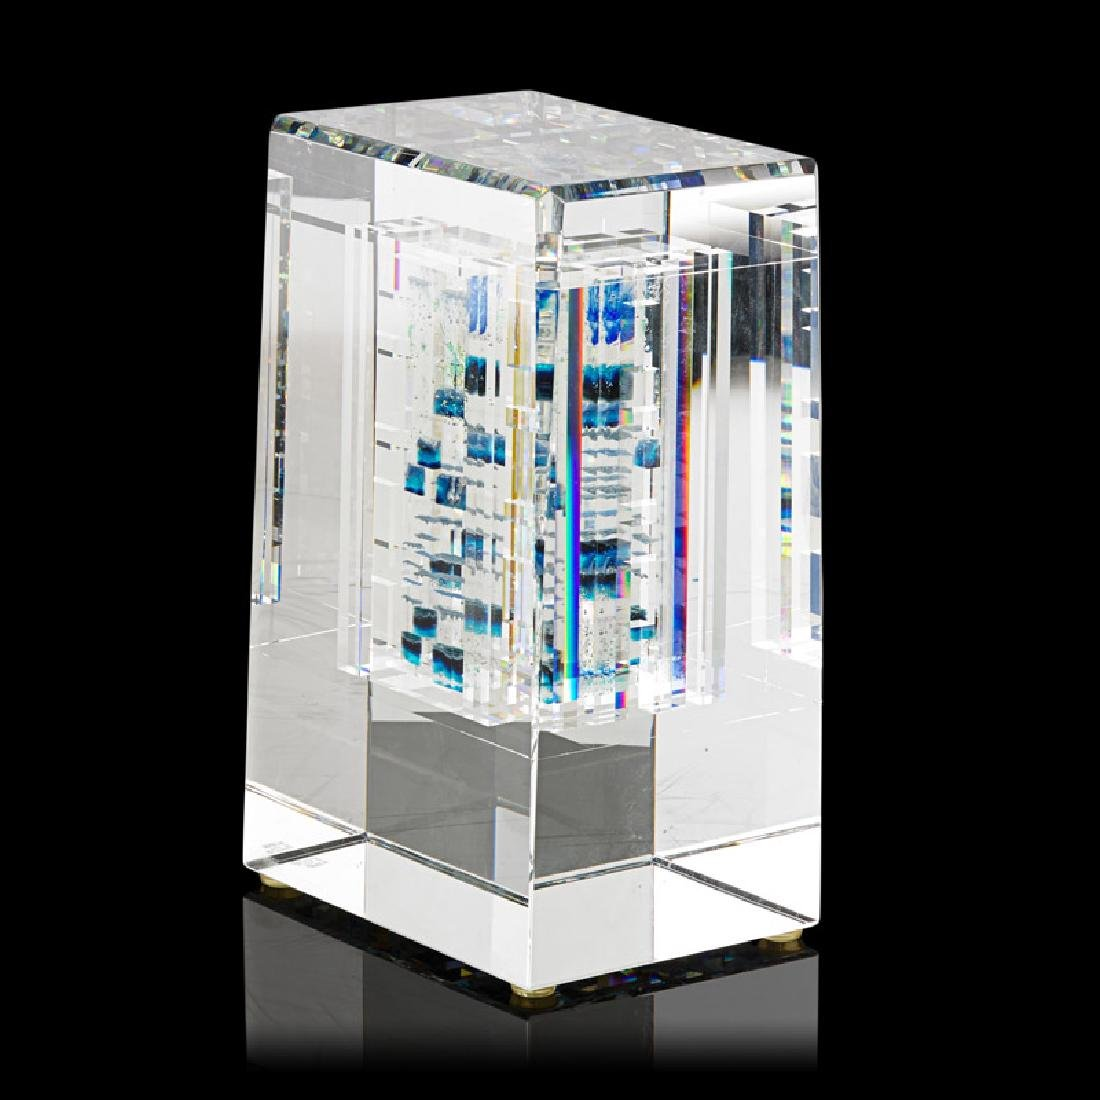 JON KUHN Glass sculpture